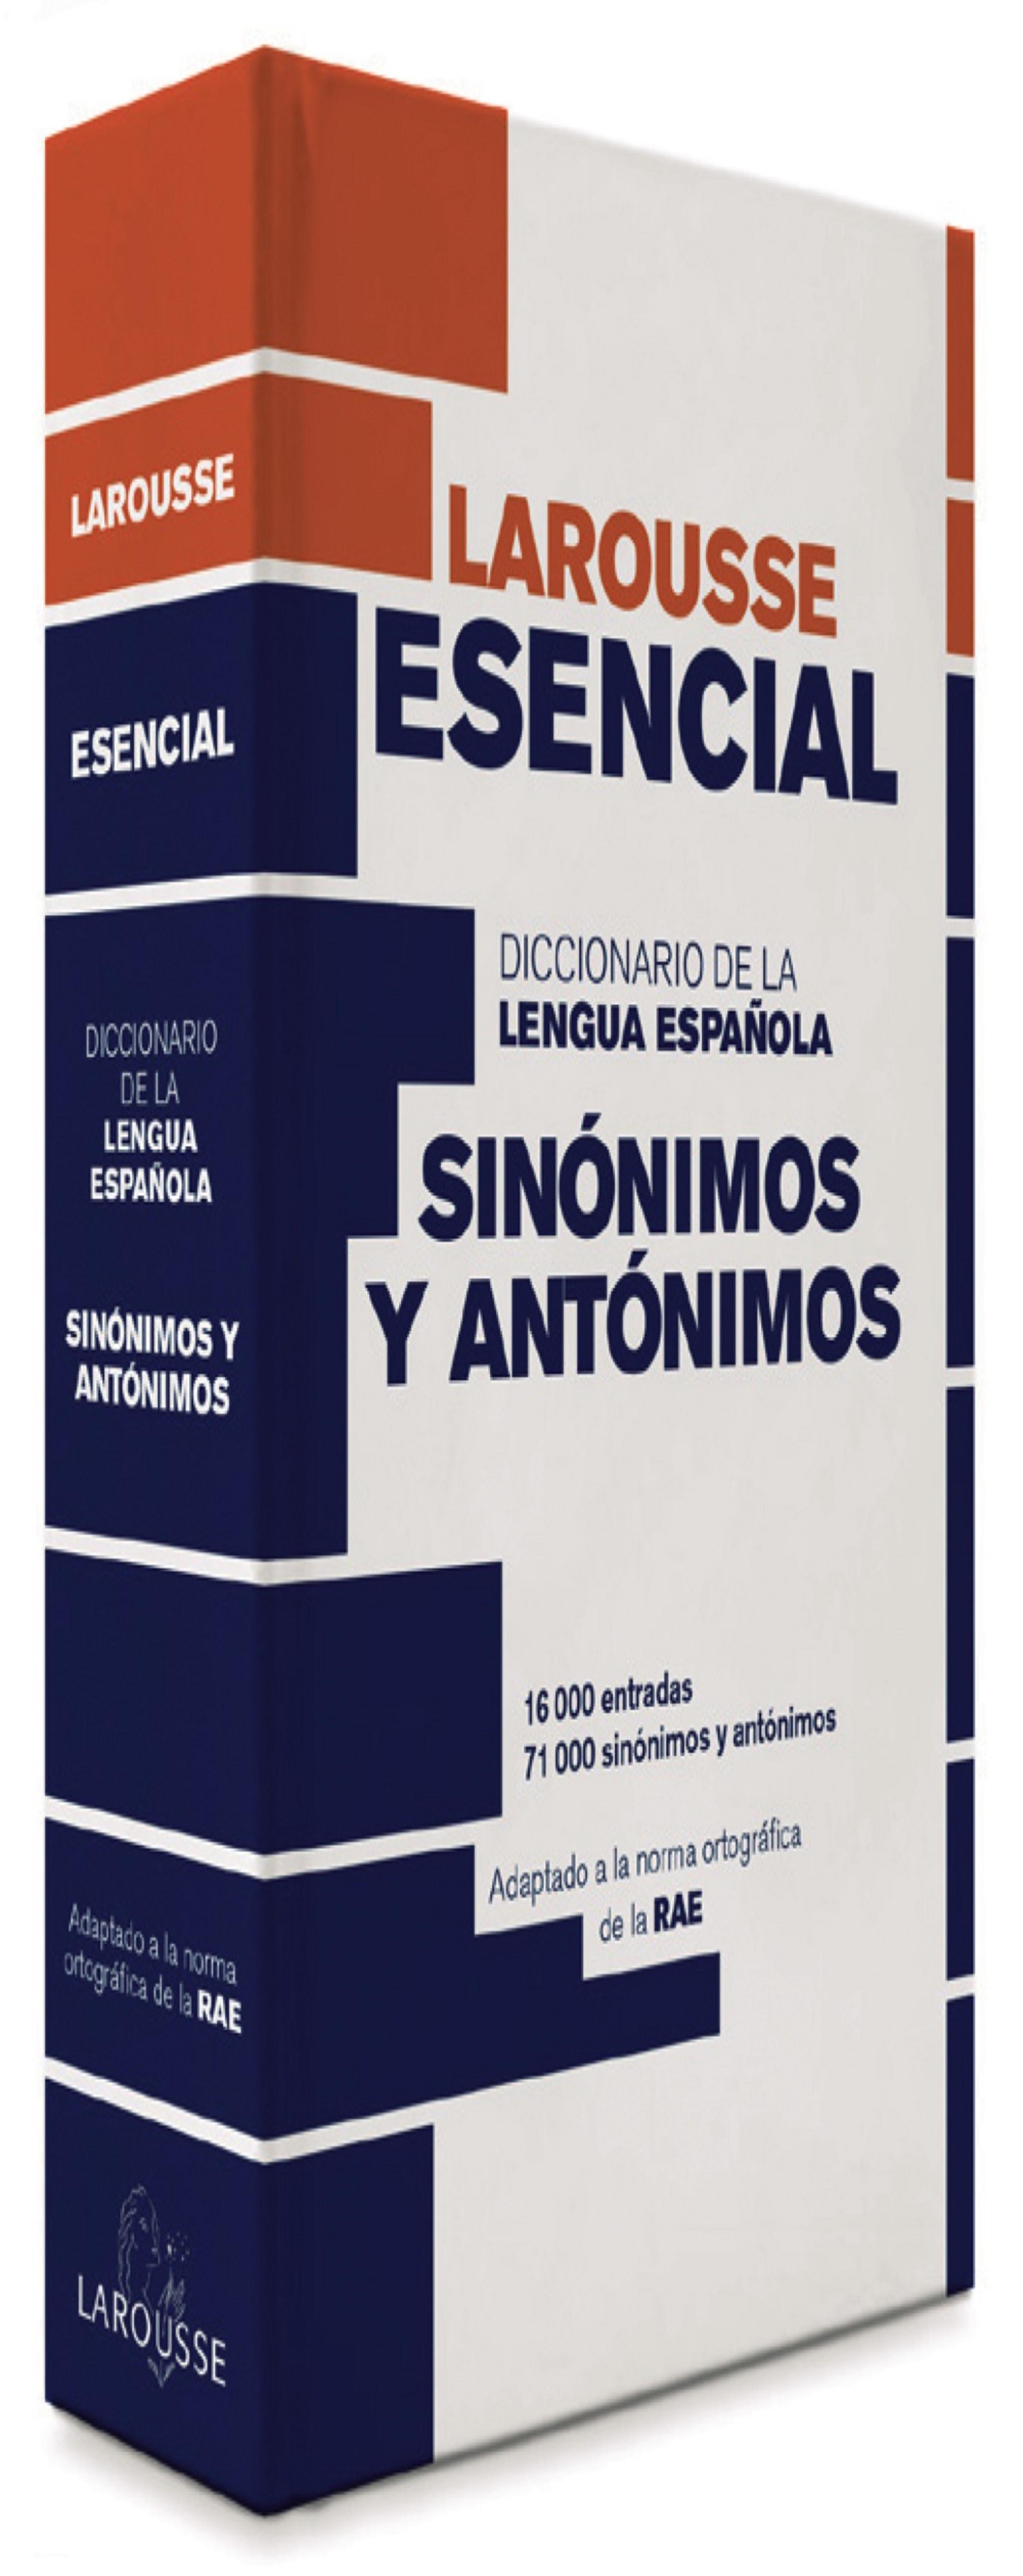 DICC Larousse ESENCIAL SINONIMOS Y ANTONIMOS DE LA LENGUA ESPAÑOLA